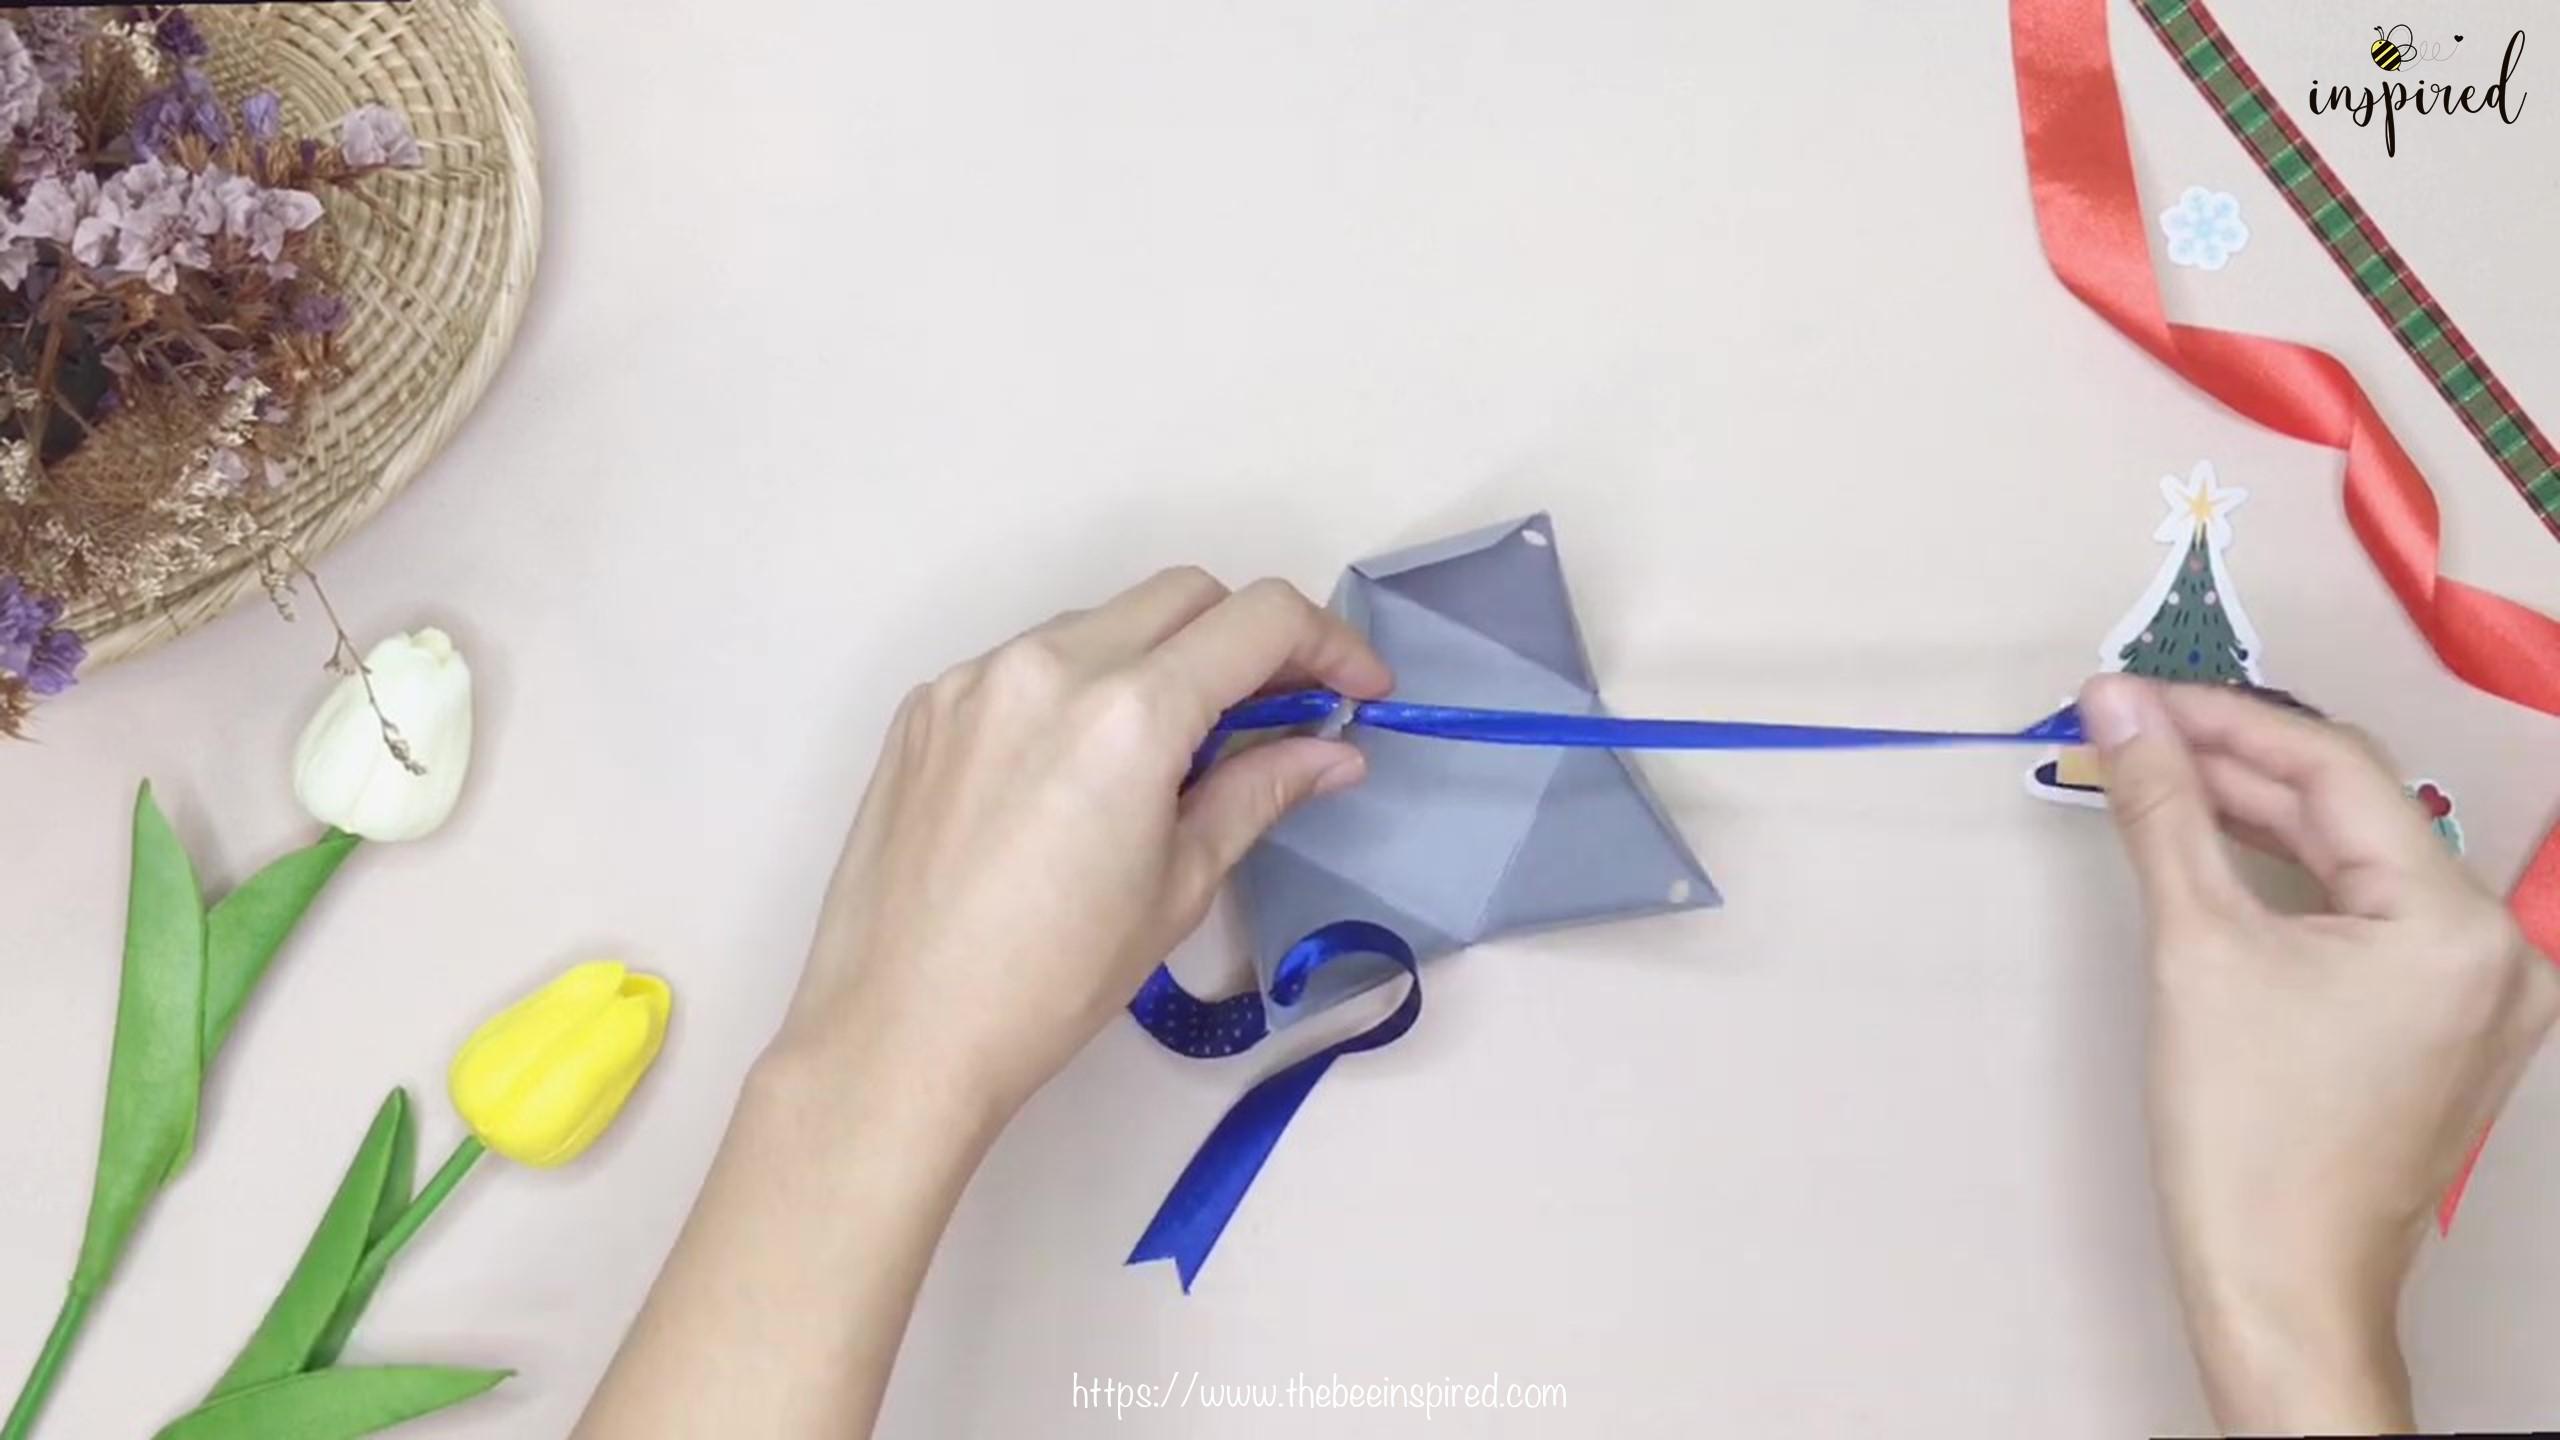 วิธีทำกล่องของขวัญวันวาเลนไทน์น่ารักๆ ทรงพีระมิดจากกระดาษแผ่นเดียว+ไม่ใช้กาว_ DIY pyramid gift box_10